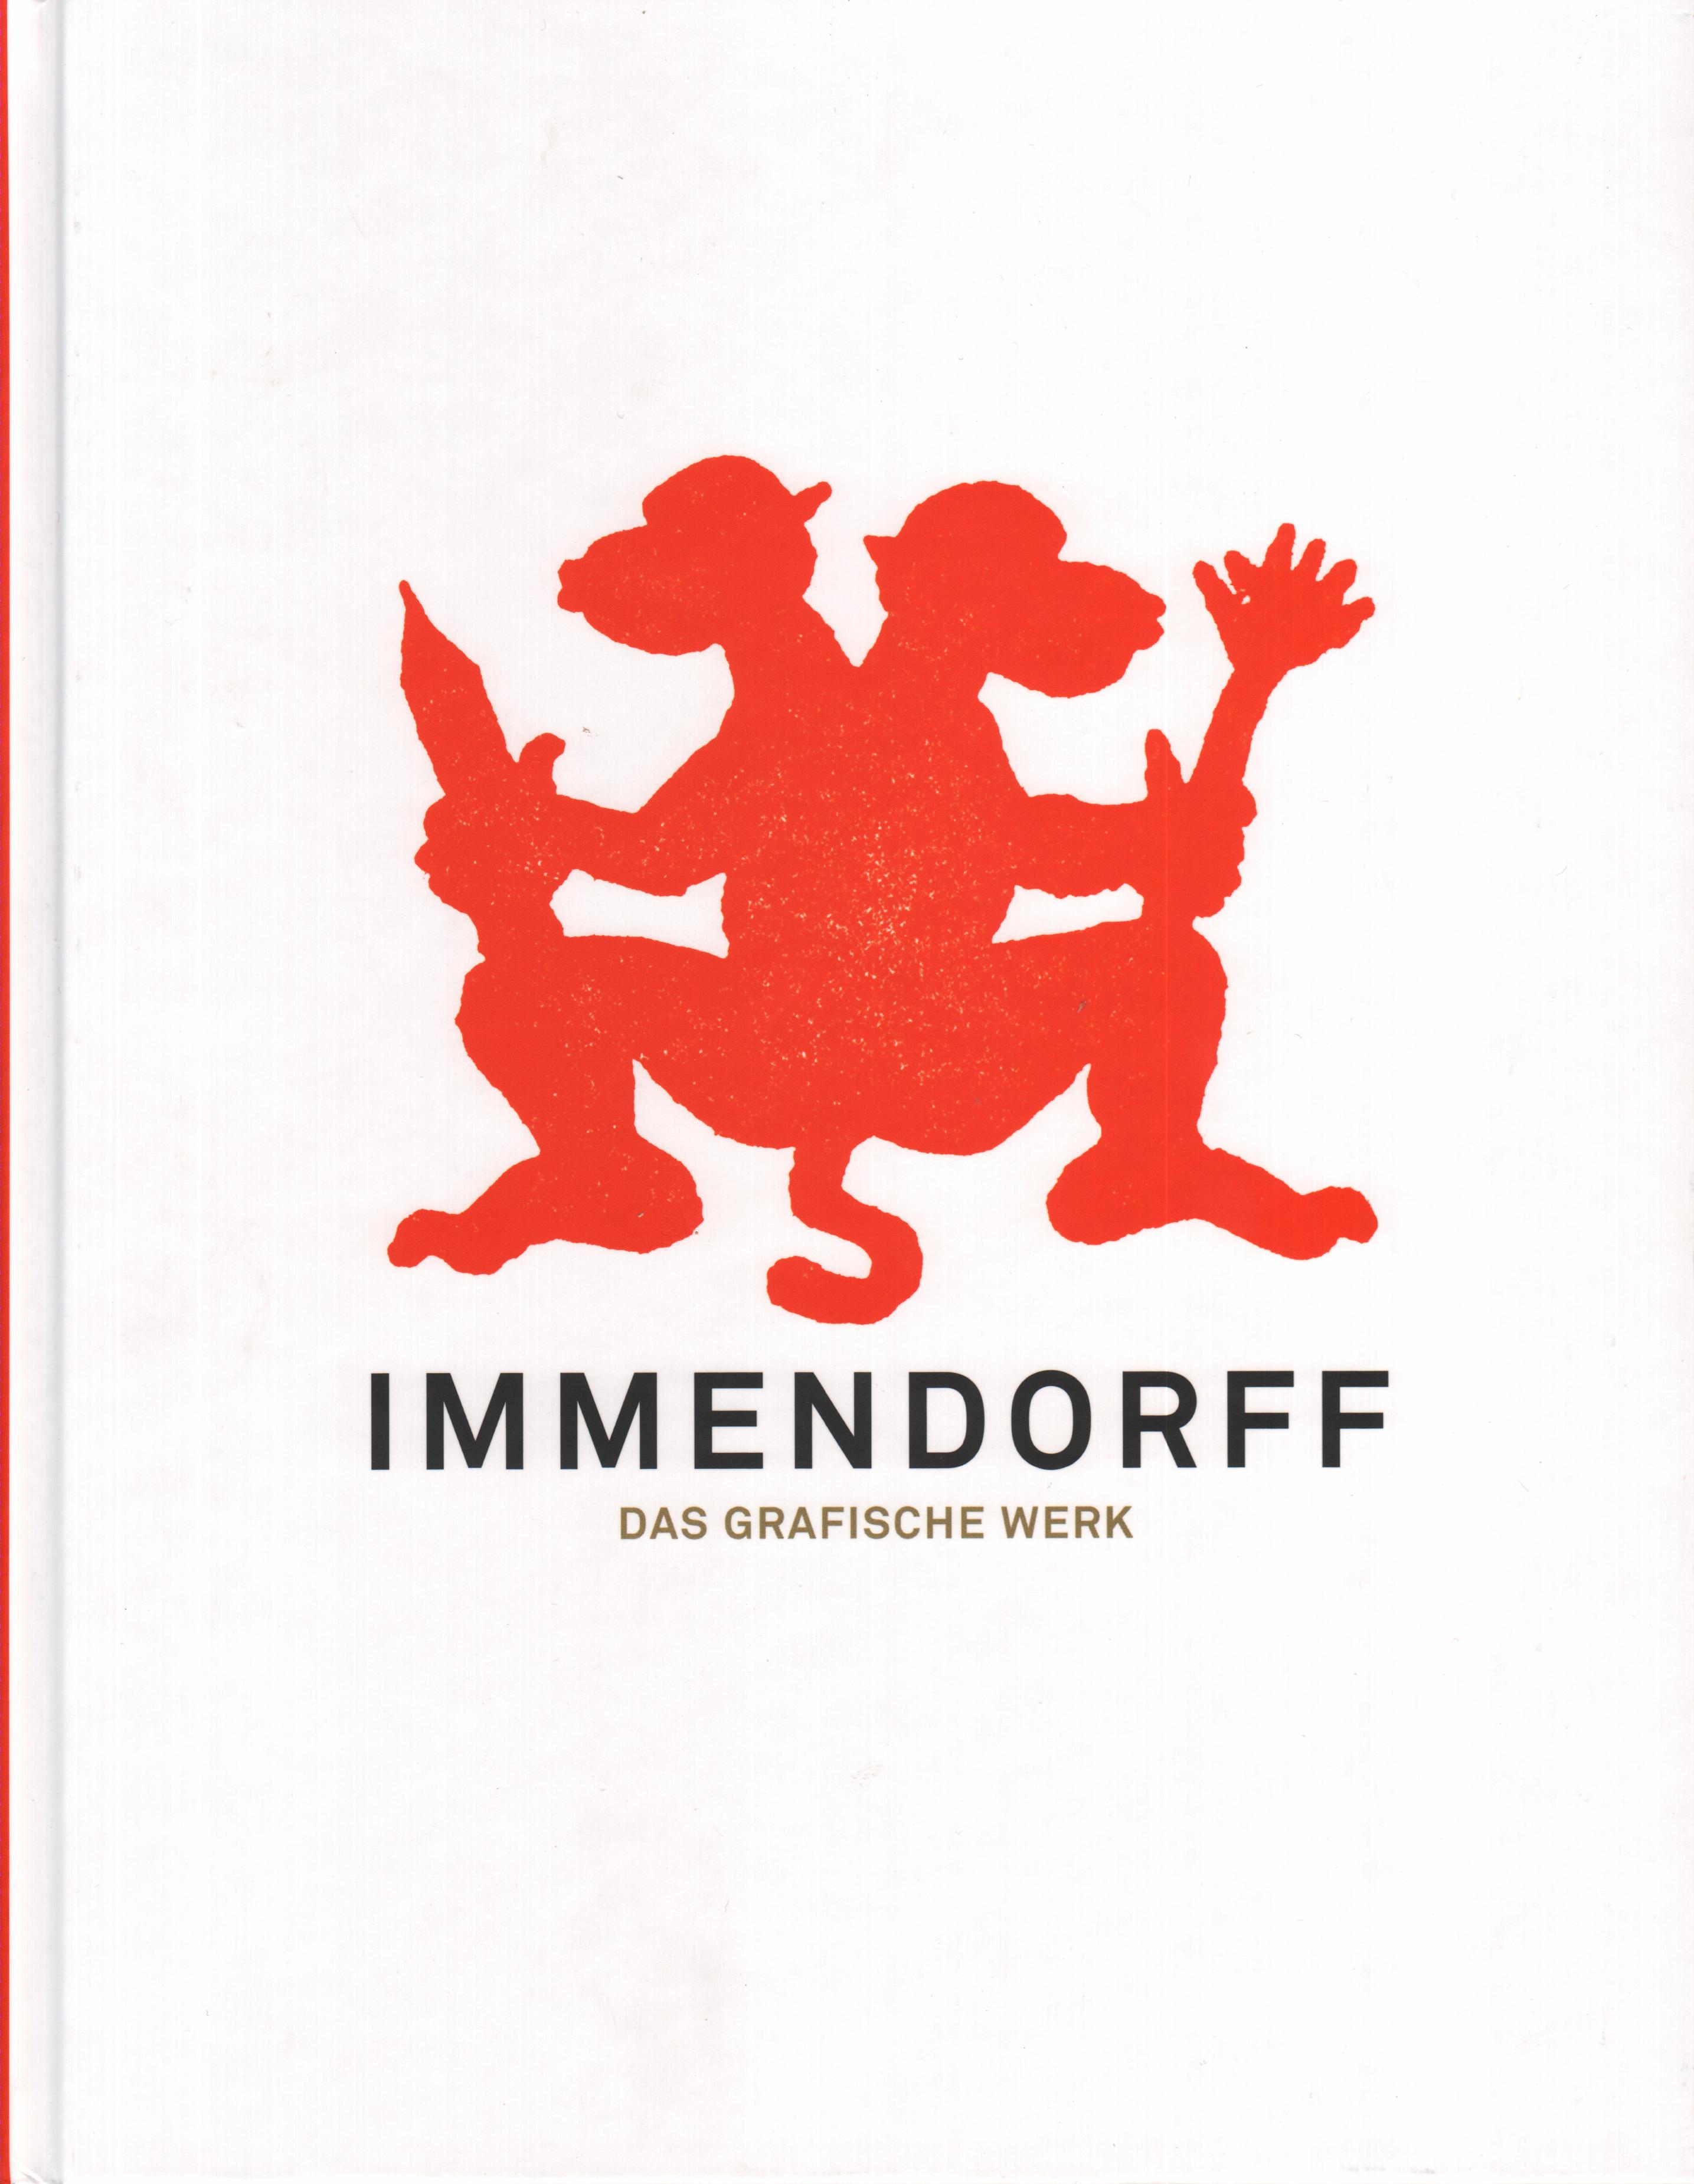 Jörg Immendorff – Das Grafische Werk